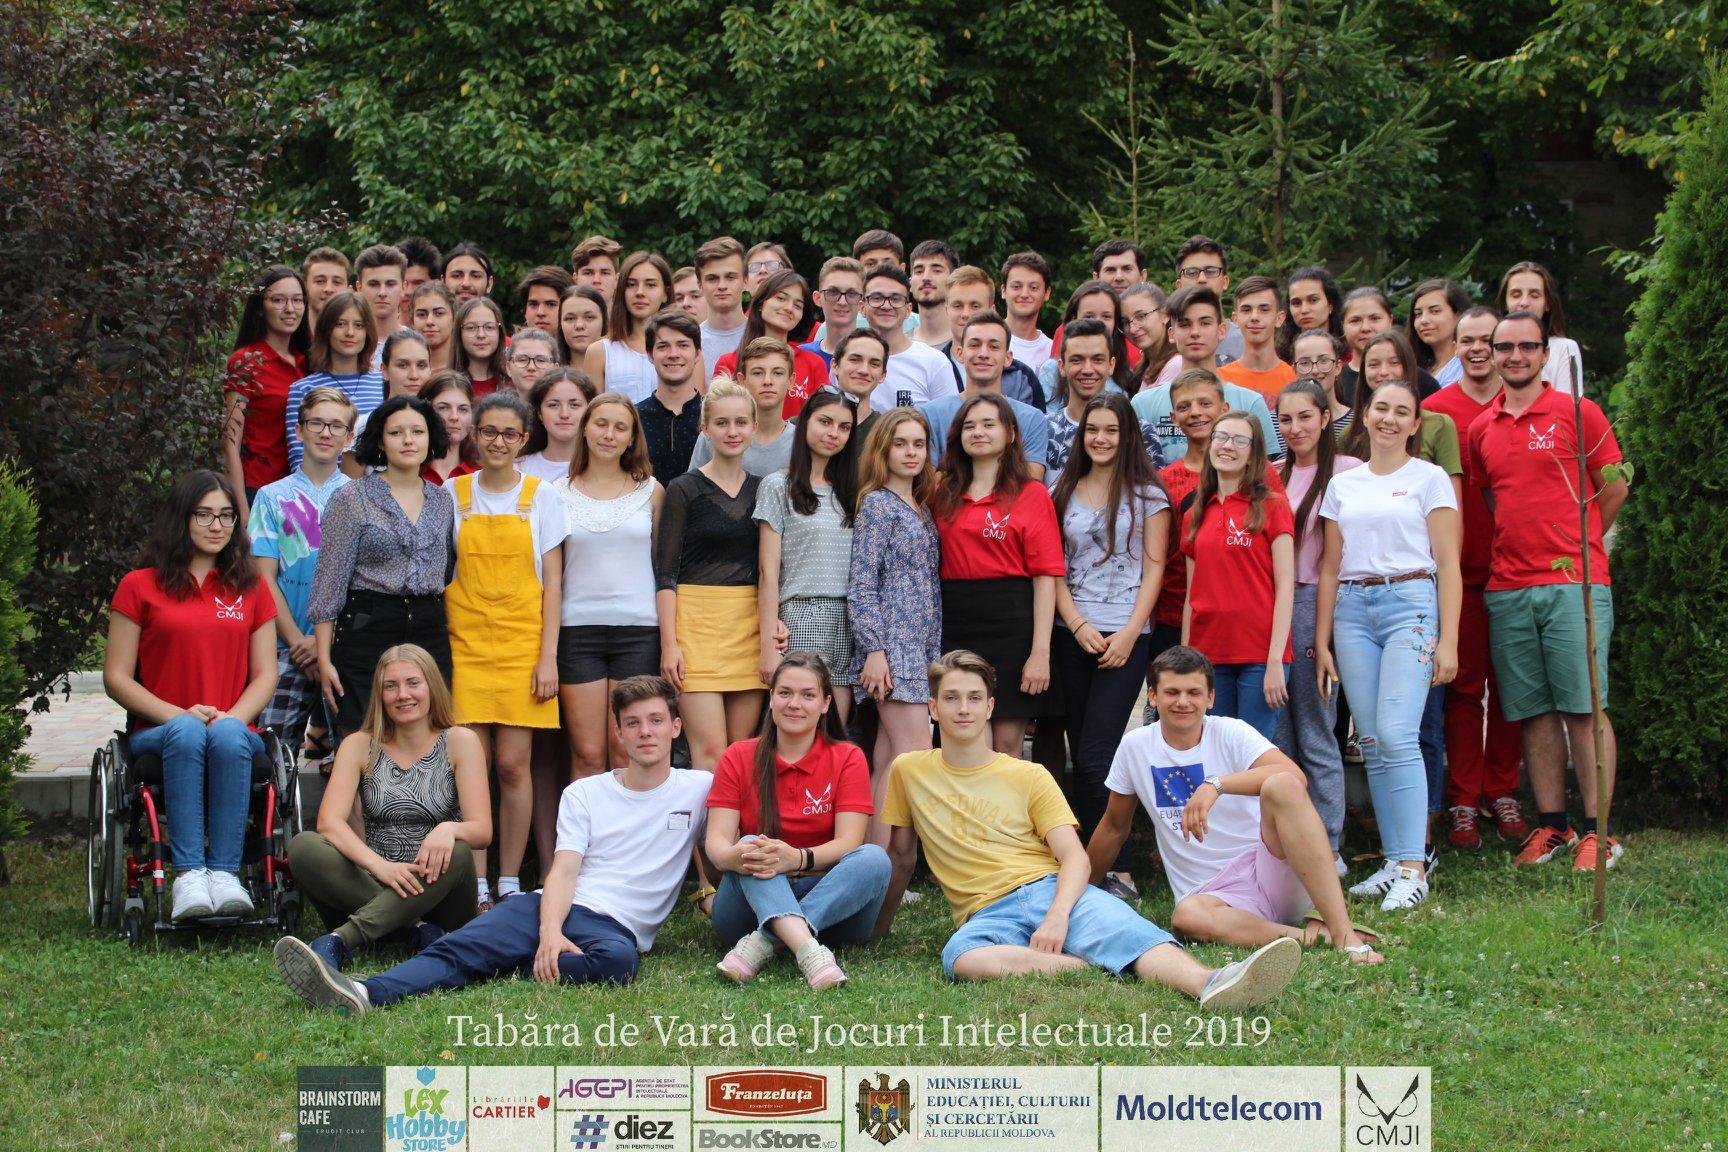 CUC Moldova :: Ce Unde Cind - Tabara de Vara de Jocuri